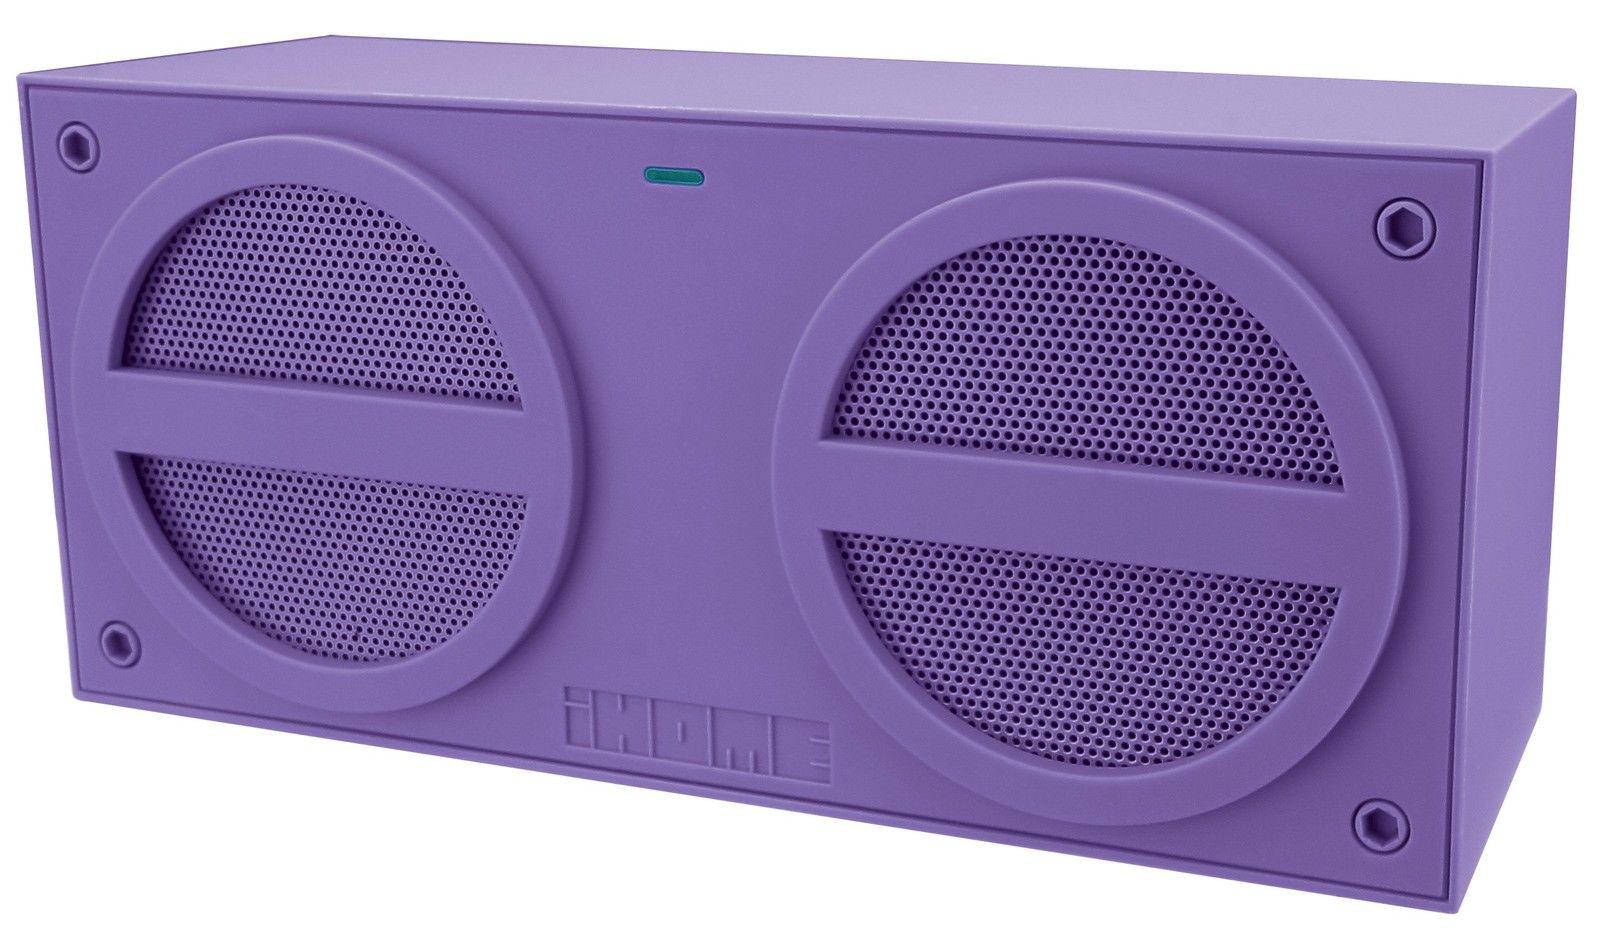 [EBAY] iHome iBT24UE Bluetooth Lautsprecher für 11,11 Euro